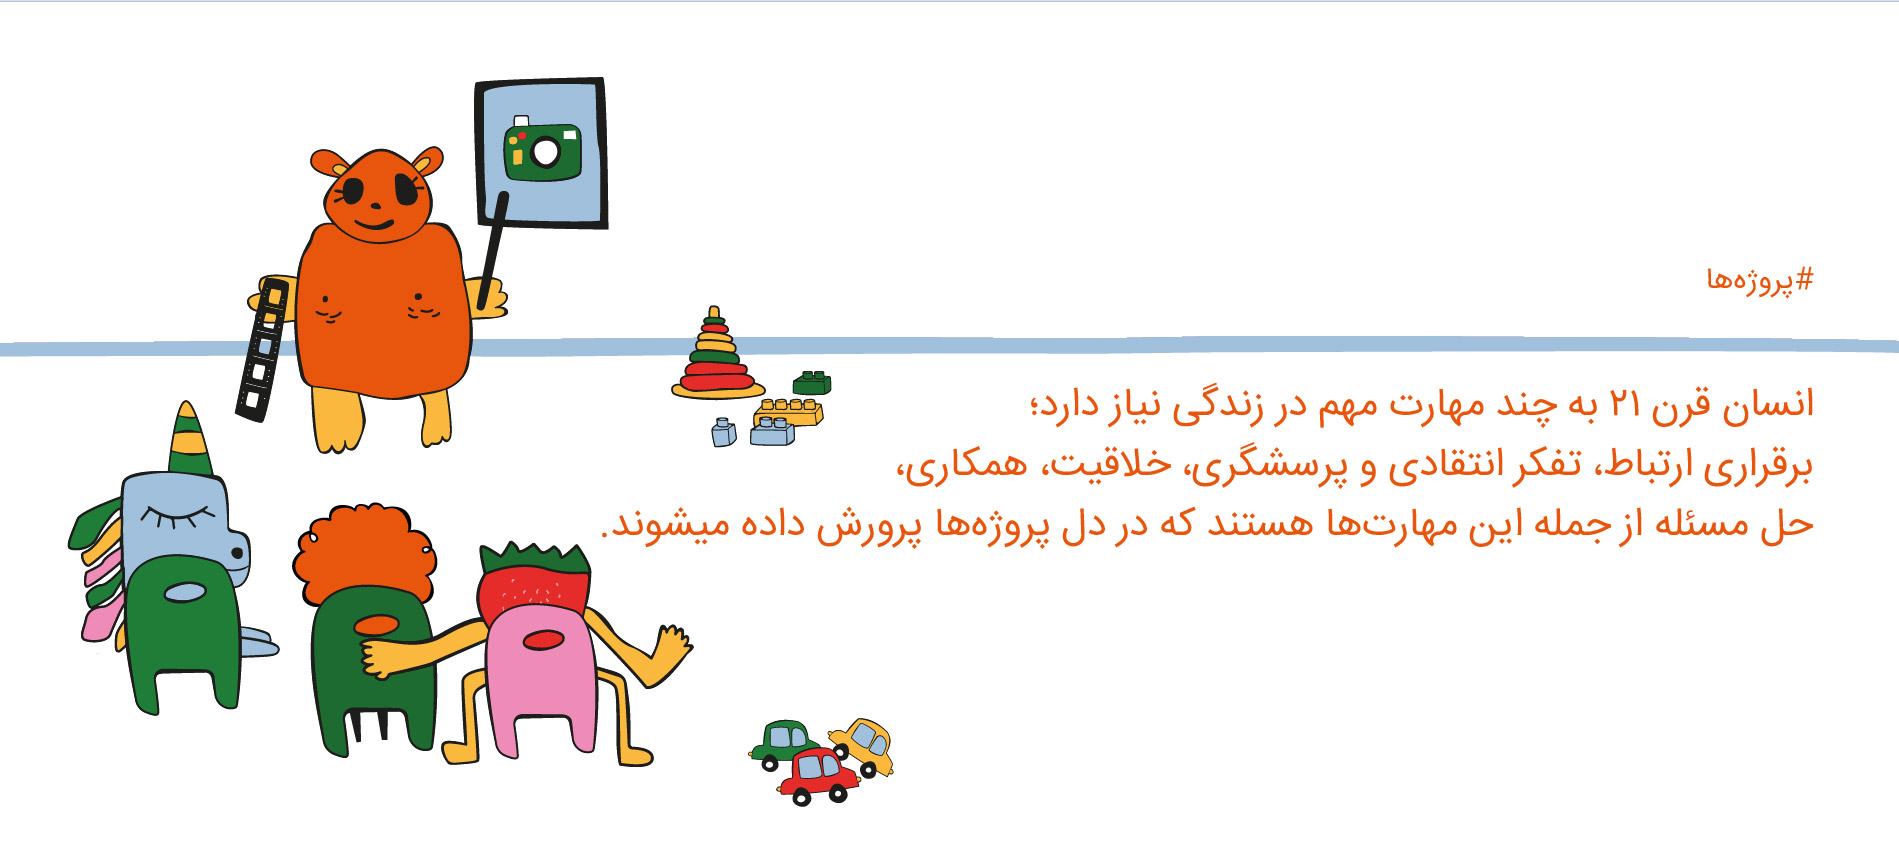 پروژه های مهارتی برای کودکان در مهرآیین